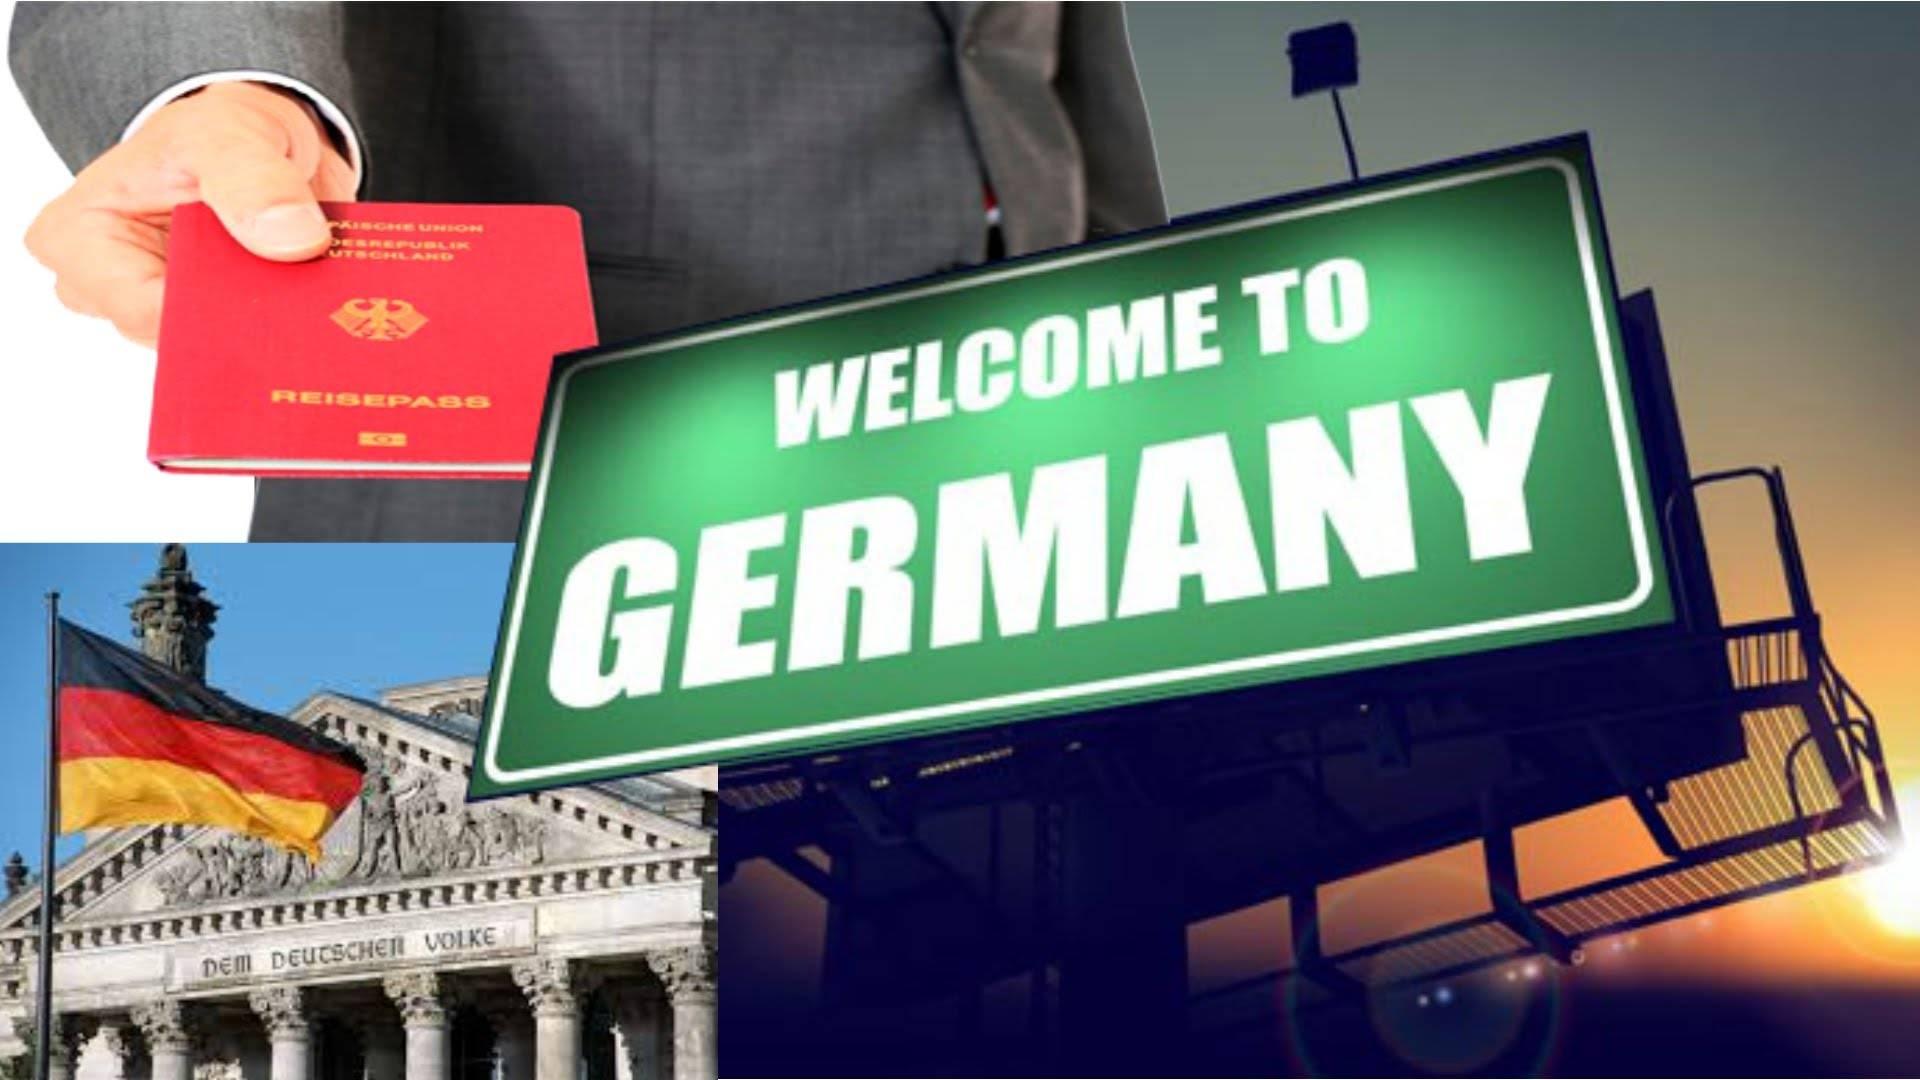 Стоит ли переезжать в германию — да